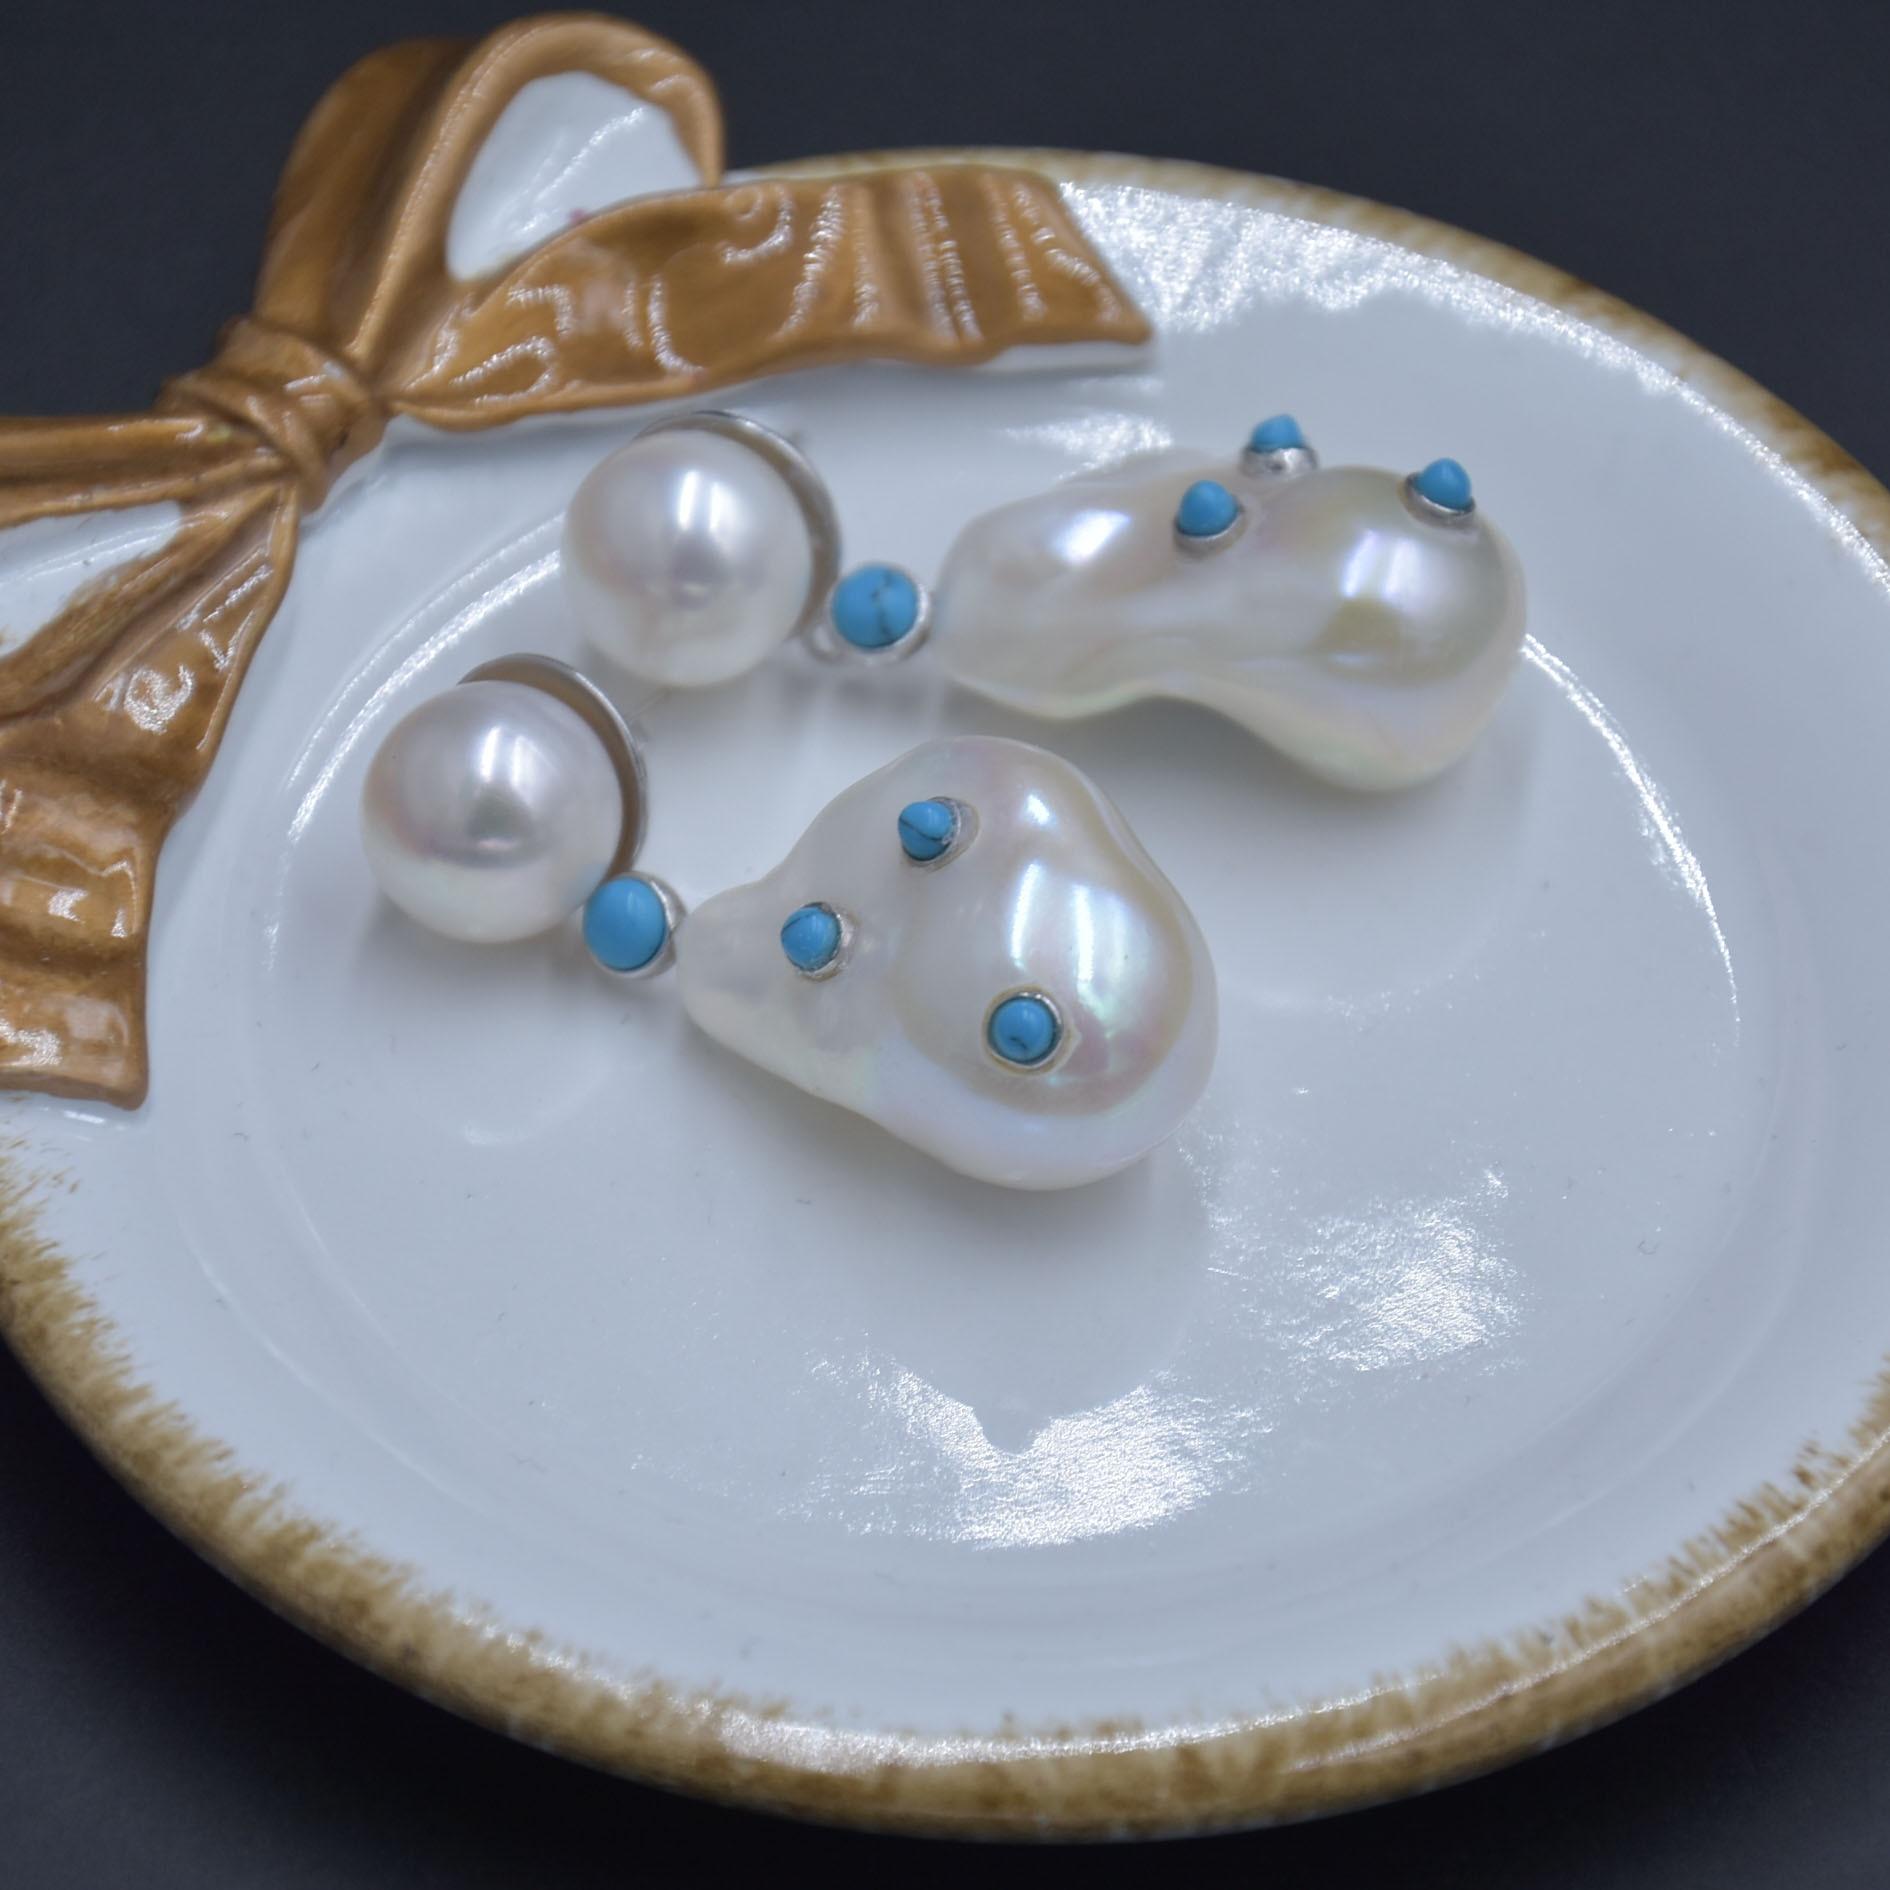 CERUN BAROQUE perles boucle d'oreille couleur blanche 18-20mm 925 argent clou d'eau douce perle boucles d'oreilles bijoux pour les femmes - 4